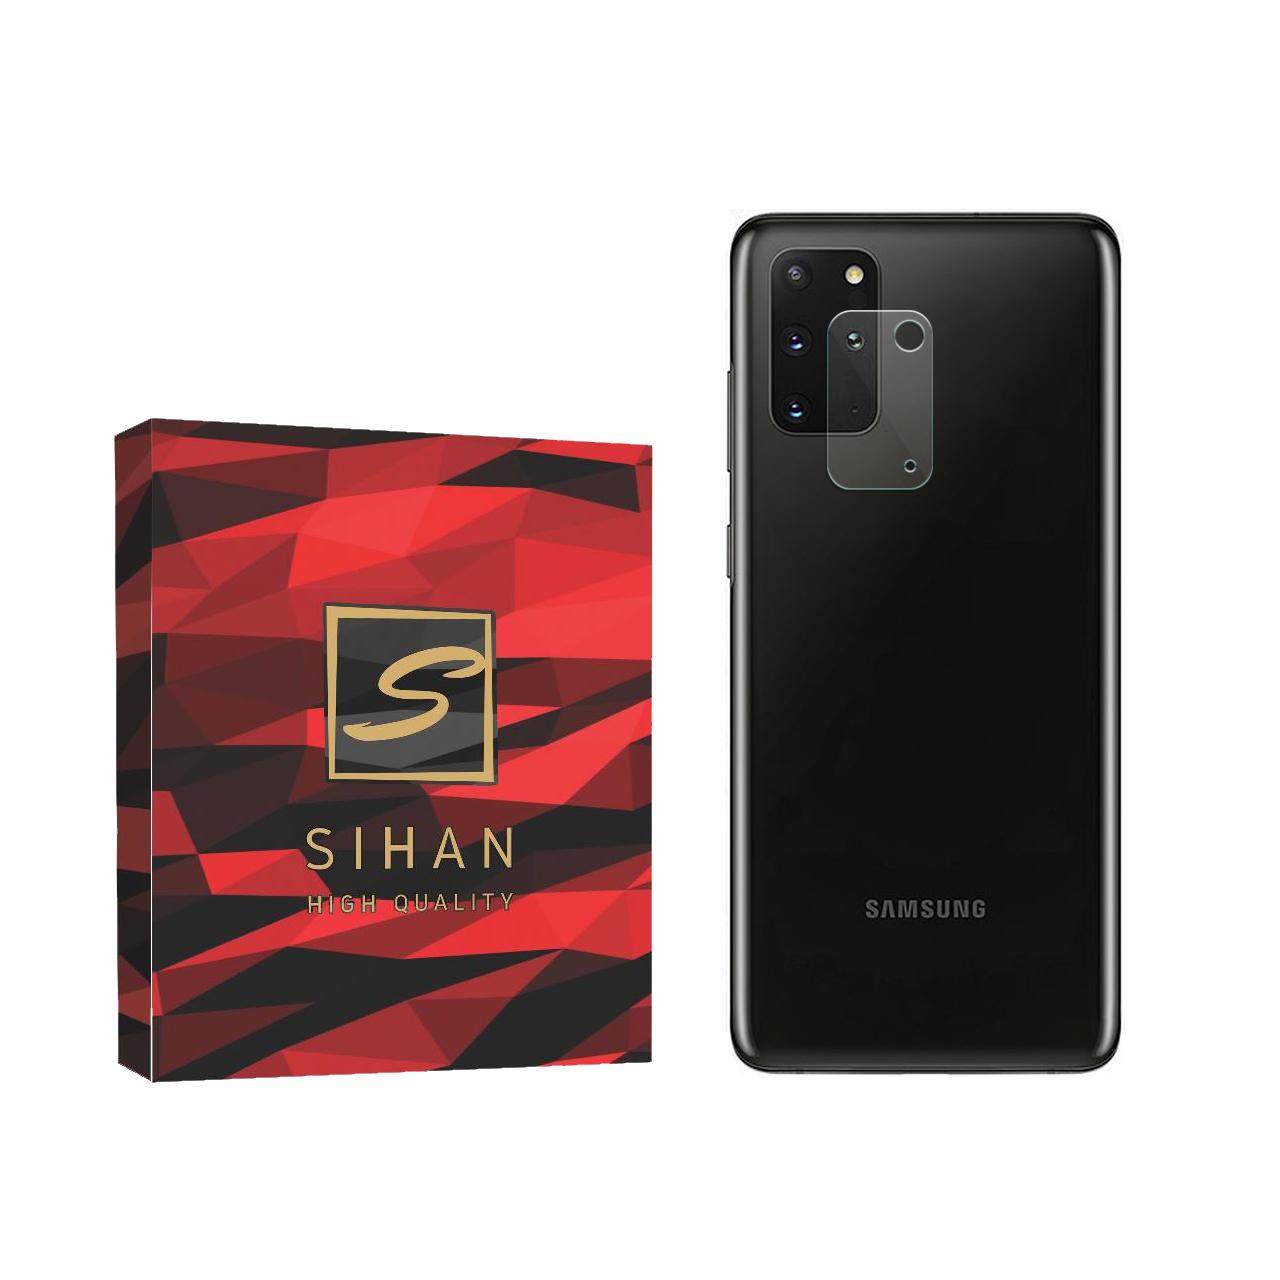 محافظ لنز دوربین سیحان مدل GLP مناسب برای گوشی موبایل سامسونگ Galaxy S20 Plus              ( قیمت و خرید)